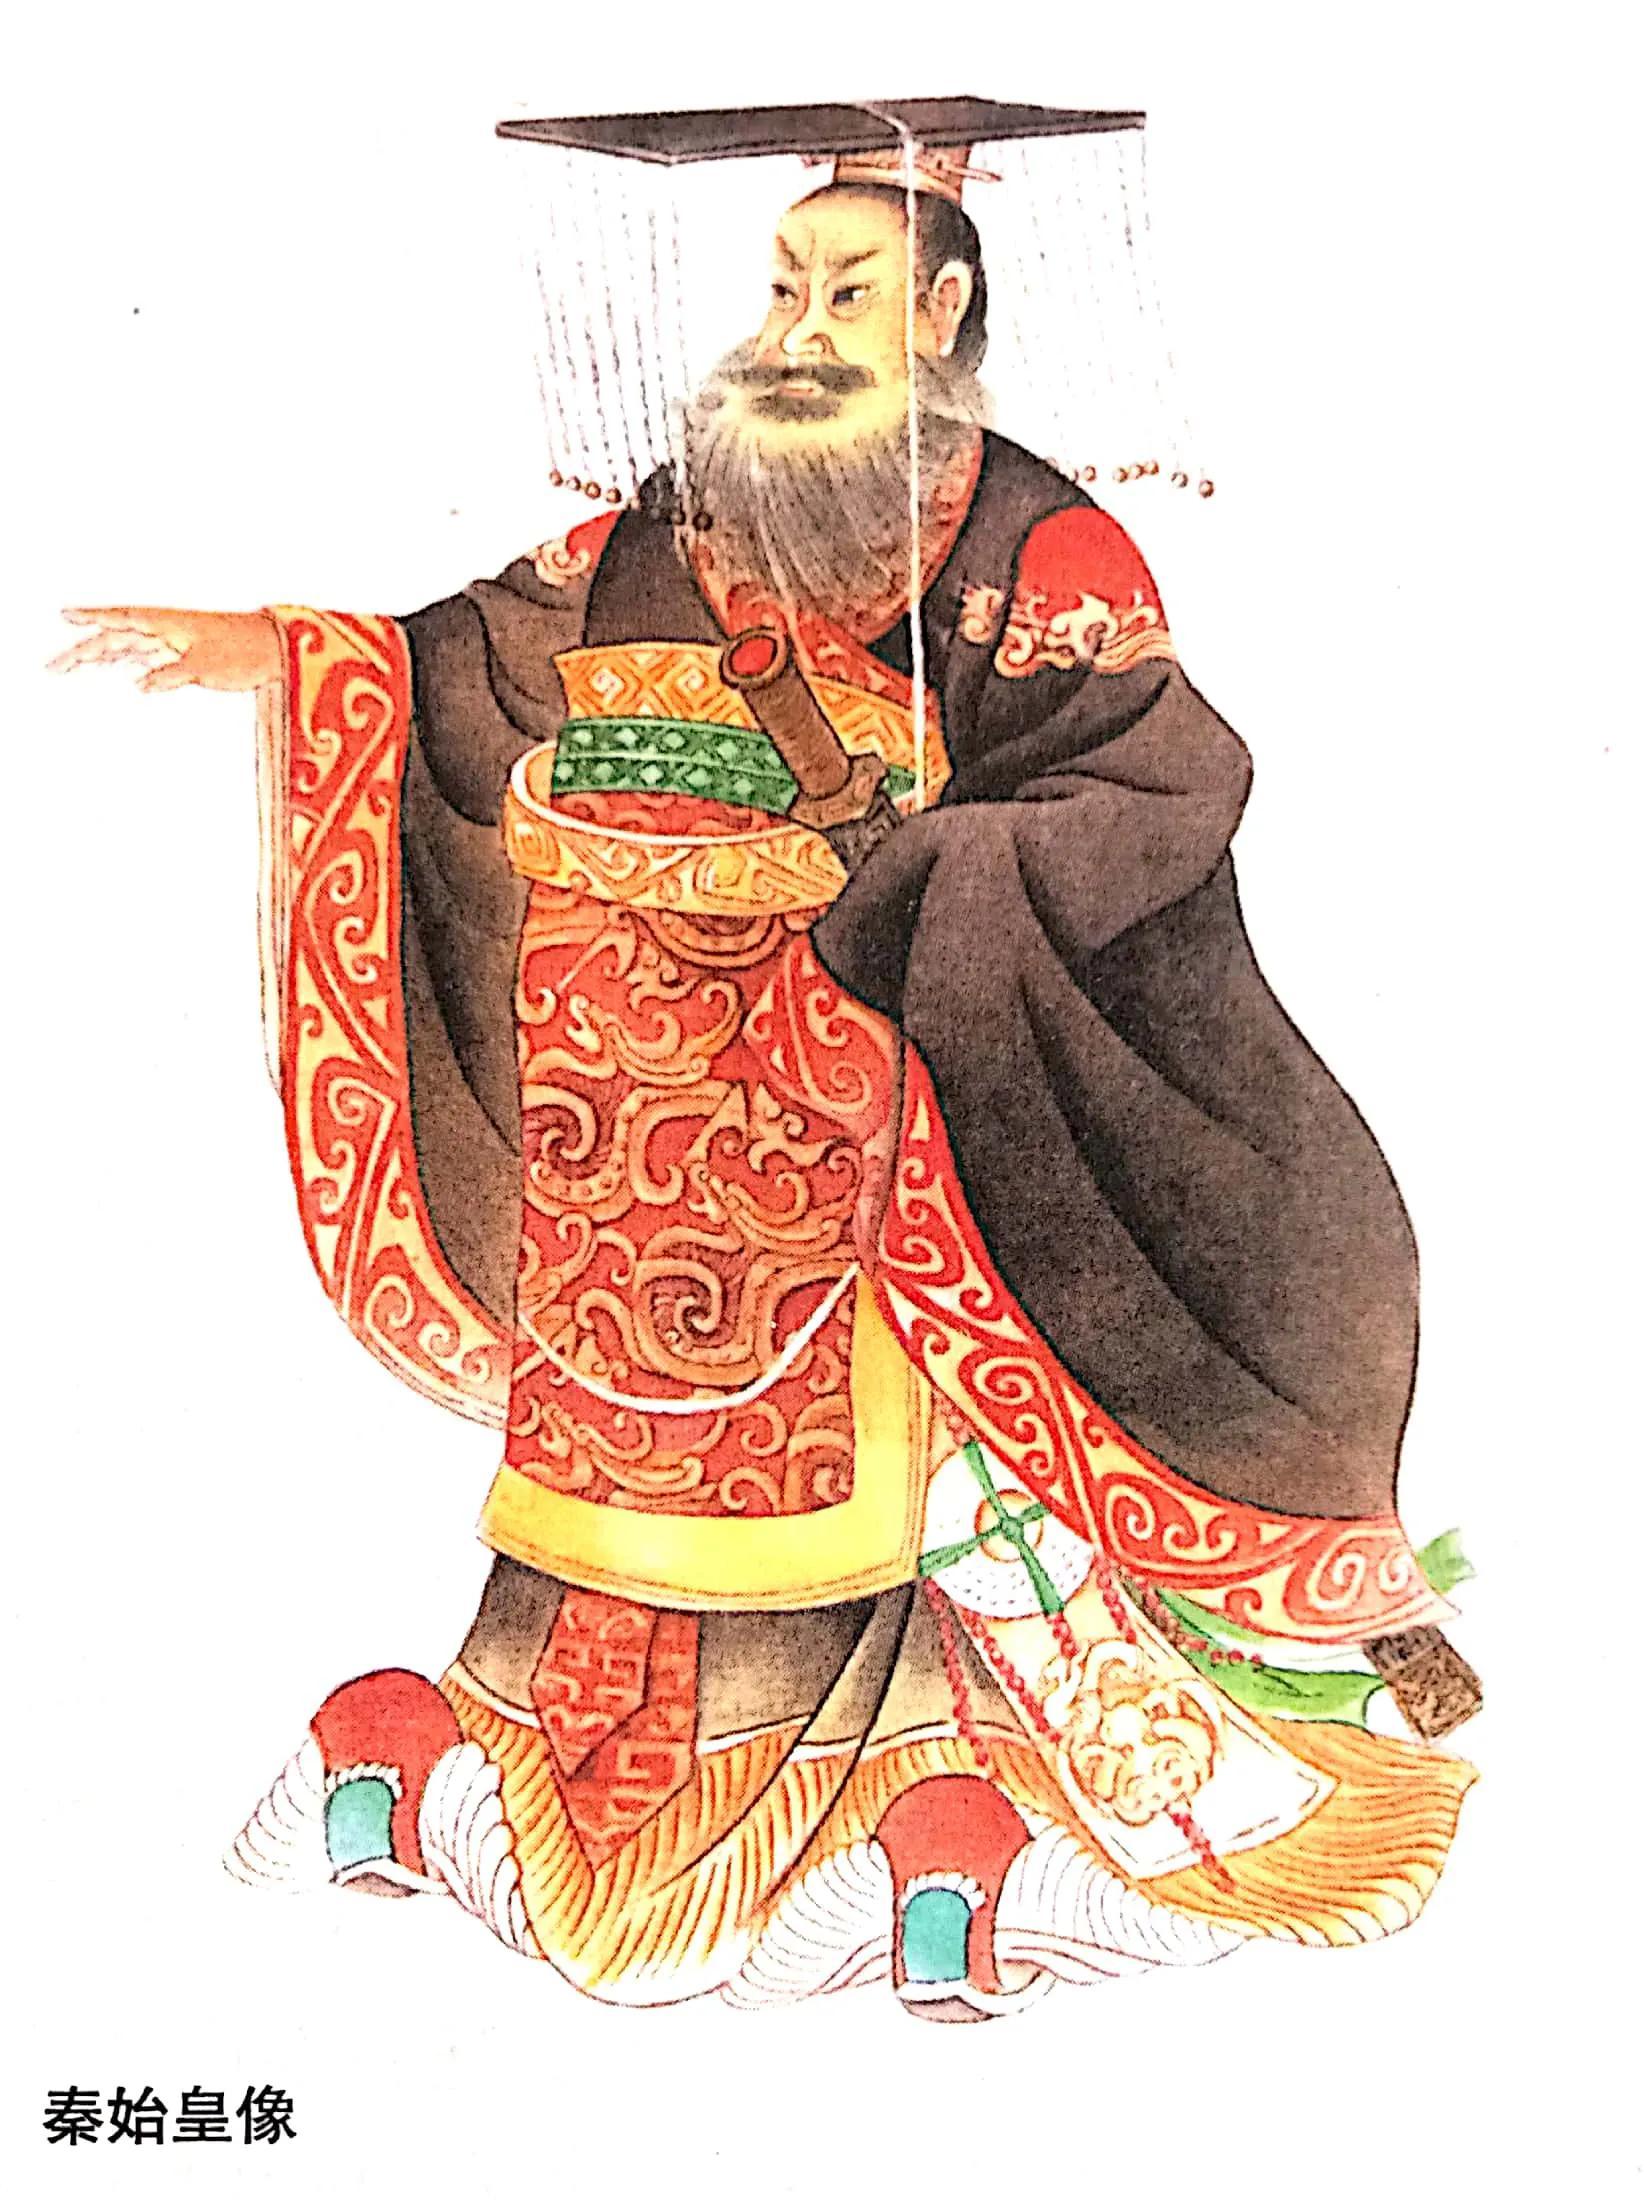 论秦始皇的功绩,人民才是历史的主体